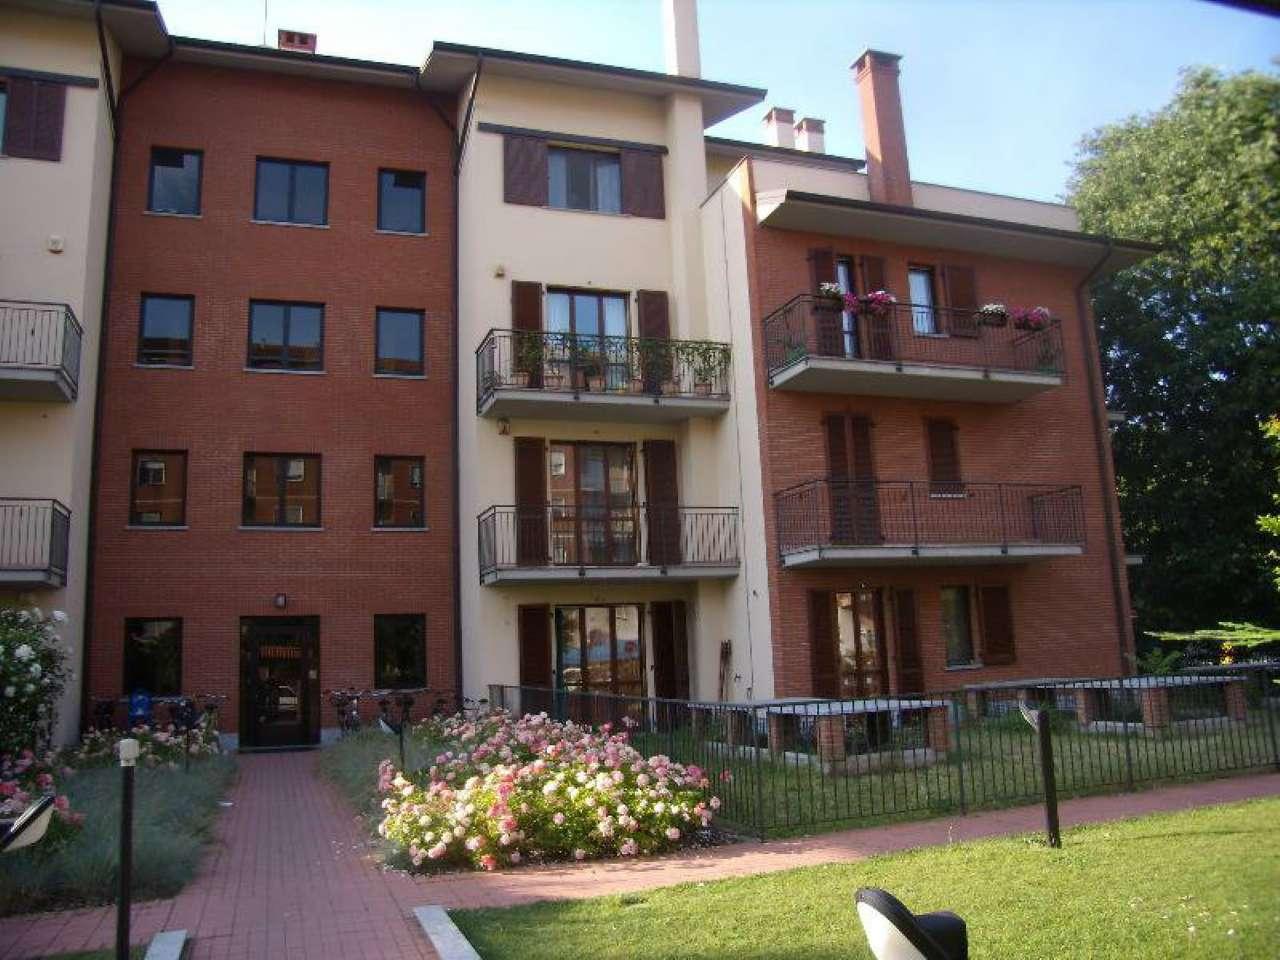 Attico / Mansarda in vendita a Pavia, 3 locali, prezzo € 235.000 | Cambio Casa.it